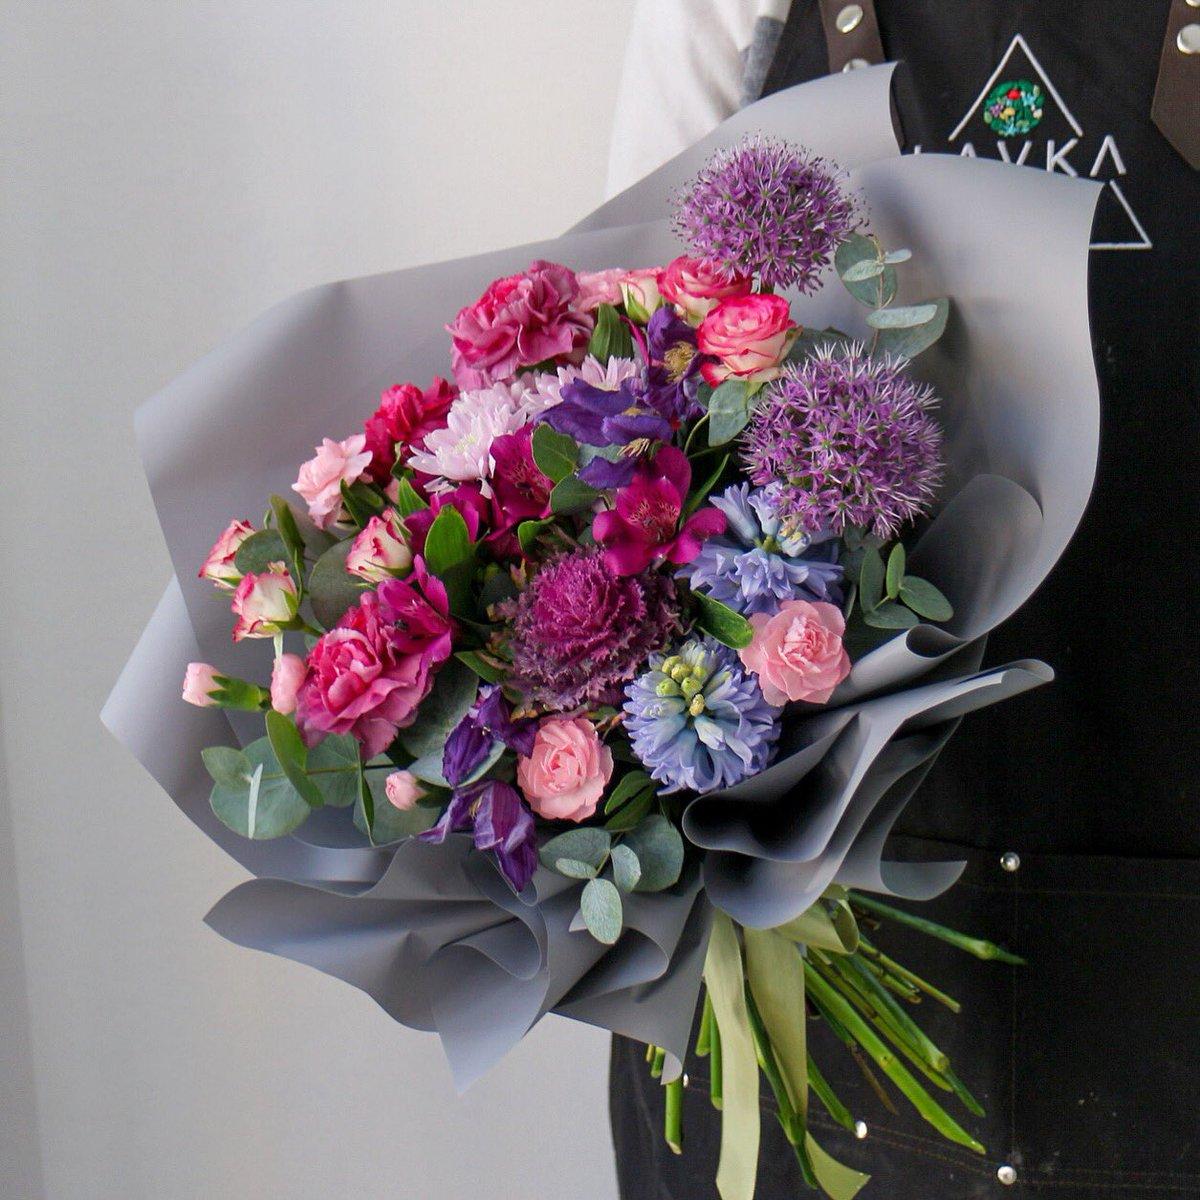 Доставка цветов уфа недорого 24 часа черниковке, живых цветов